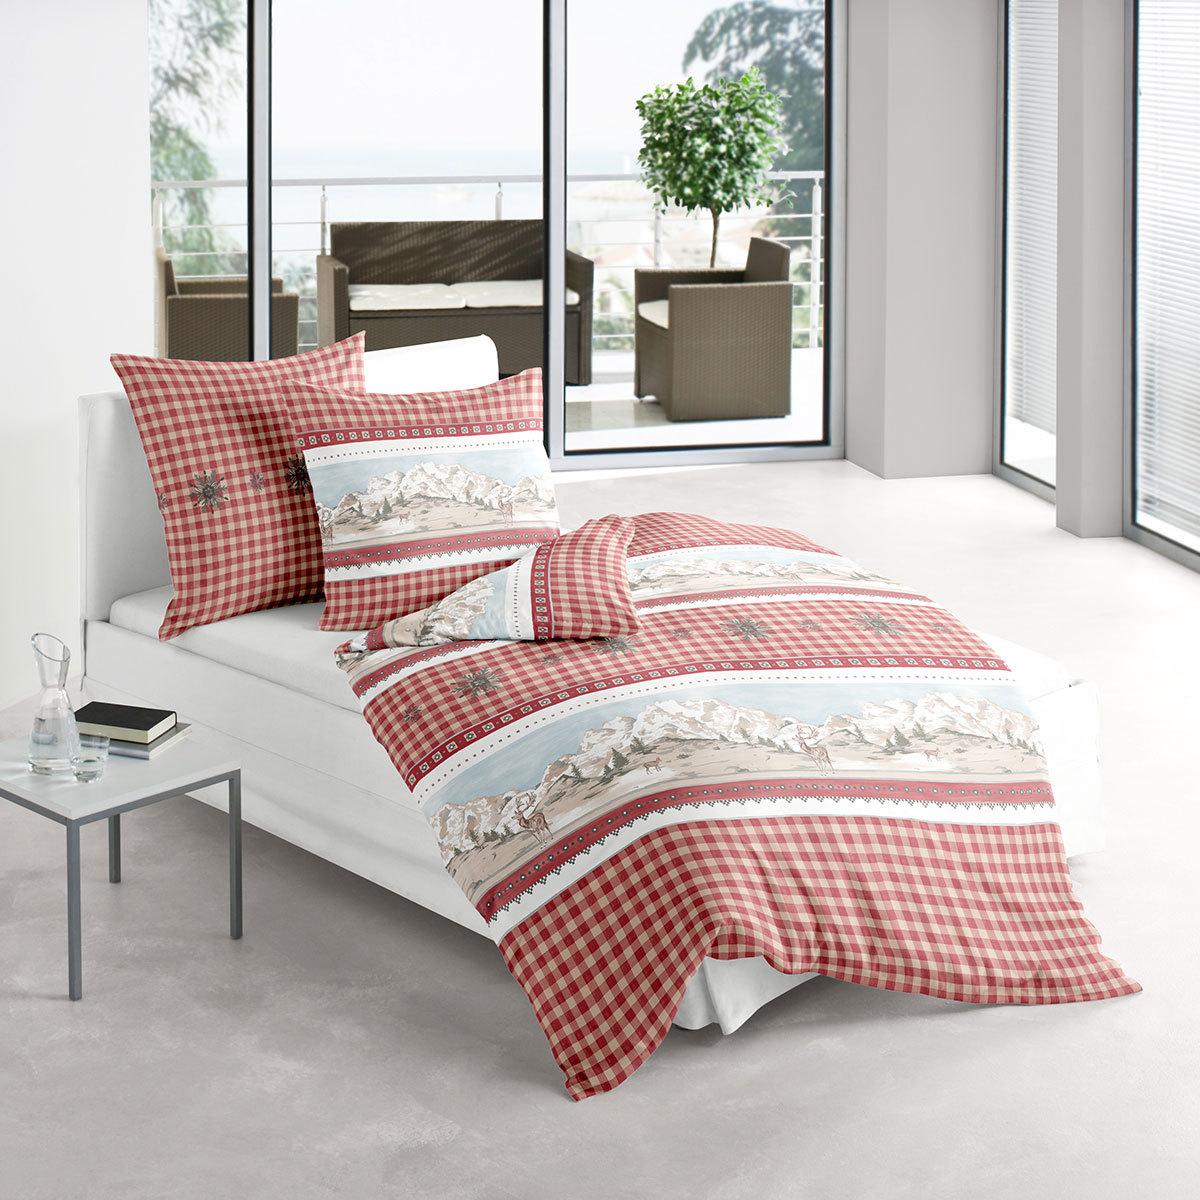 bettw sche im landhausstil standardma bettw sche star wars 155x220 bayern m nchen real biber. Black Bedroom Furniture Sets. Home Design Ideas